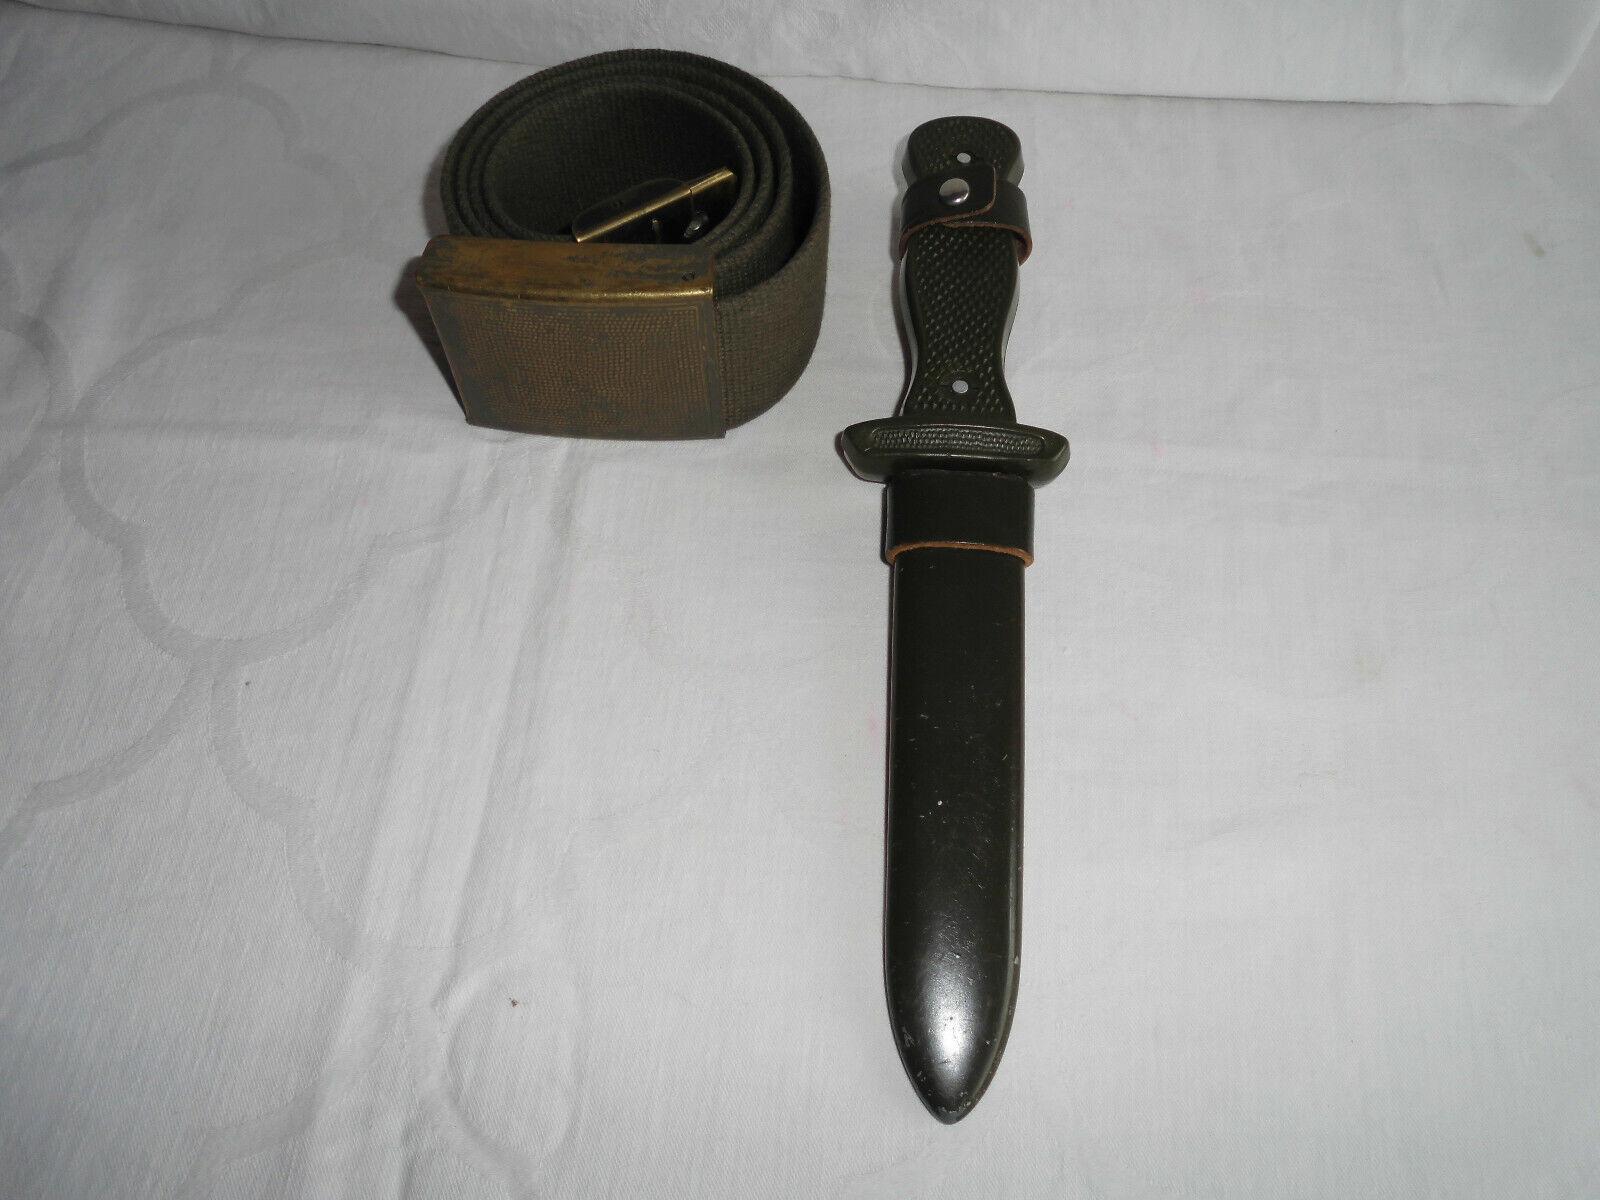 Bild 1 - BW Feldmesser/Jagdmesser und BW Feldgürtel/Koppel